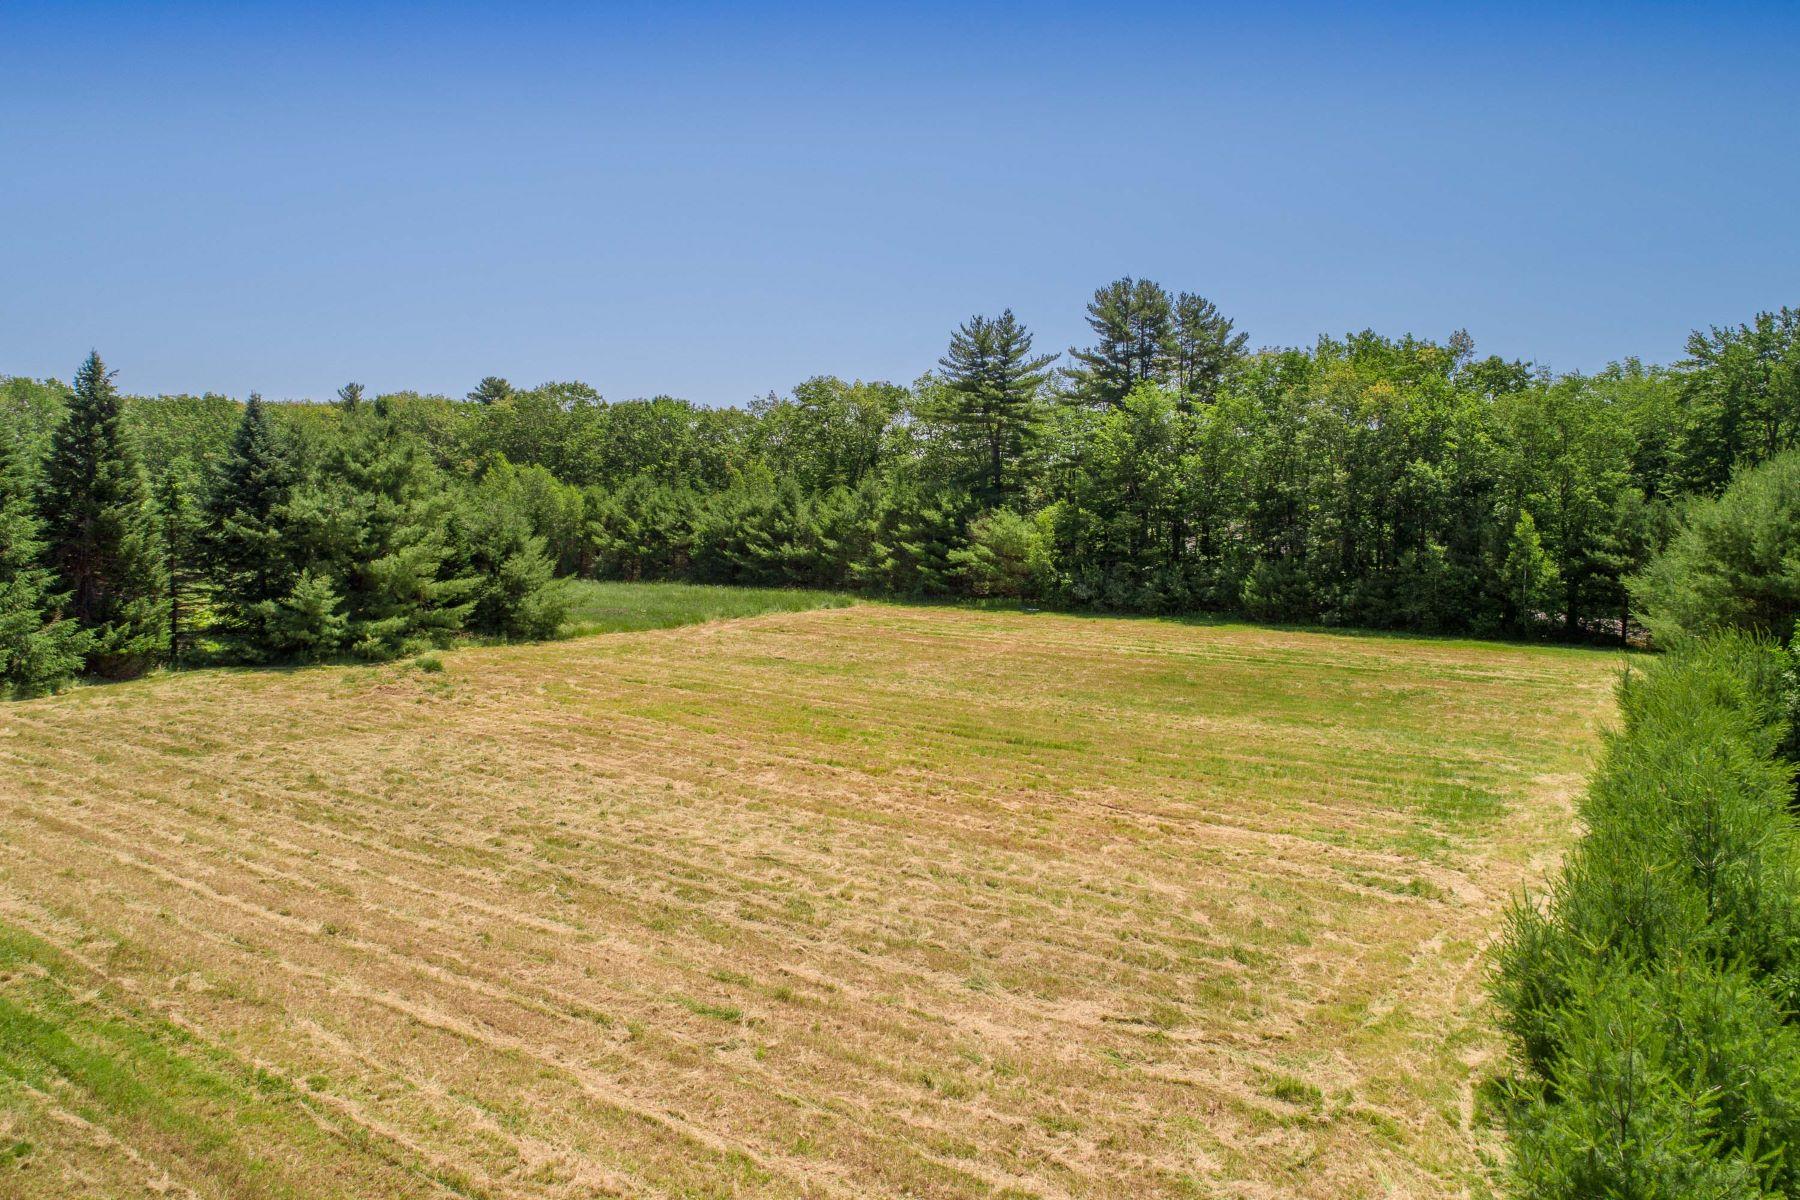 أراضي للـ Sale في North Yarmouth, Maine 04097 United States